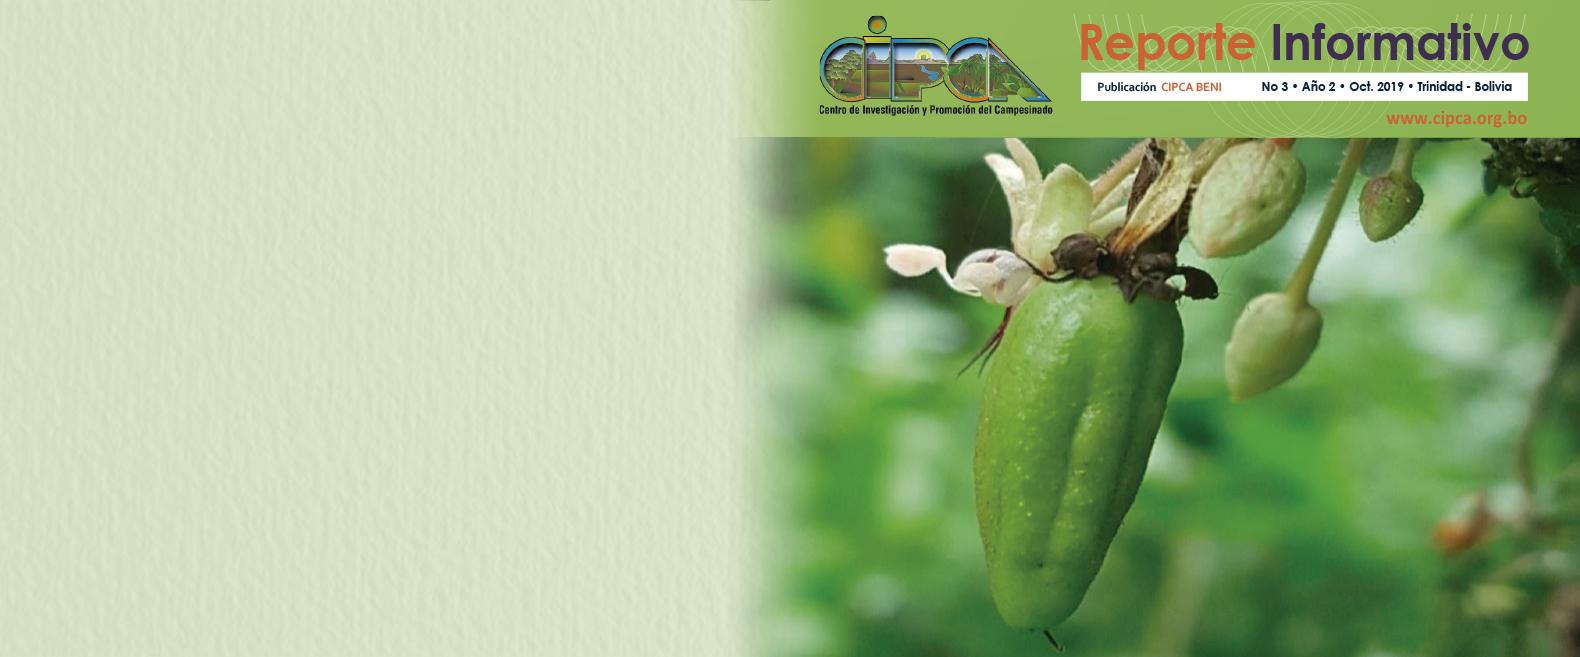 Bolivia productor exportador de Cacao fino y de aroma